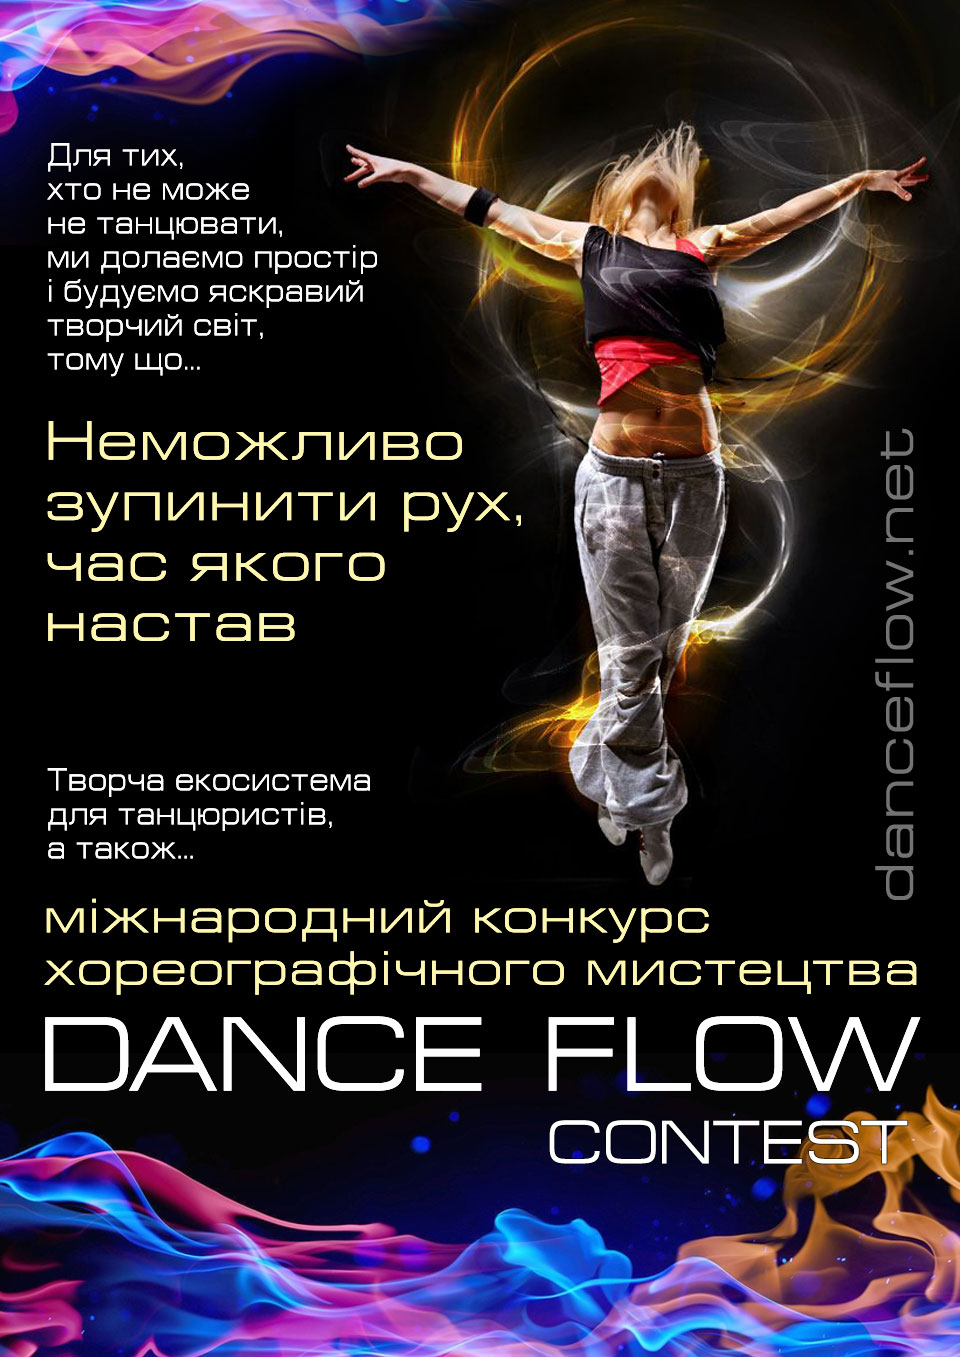 Dance Flow Contest - конкурс хореографічного мистецтва